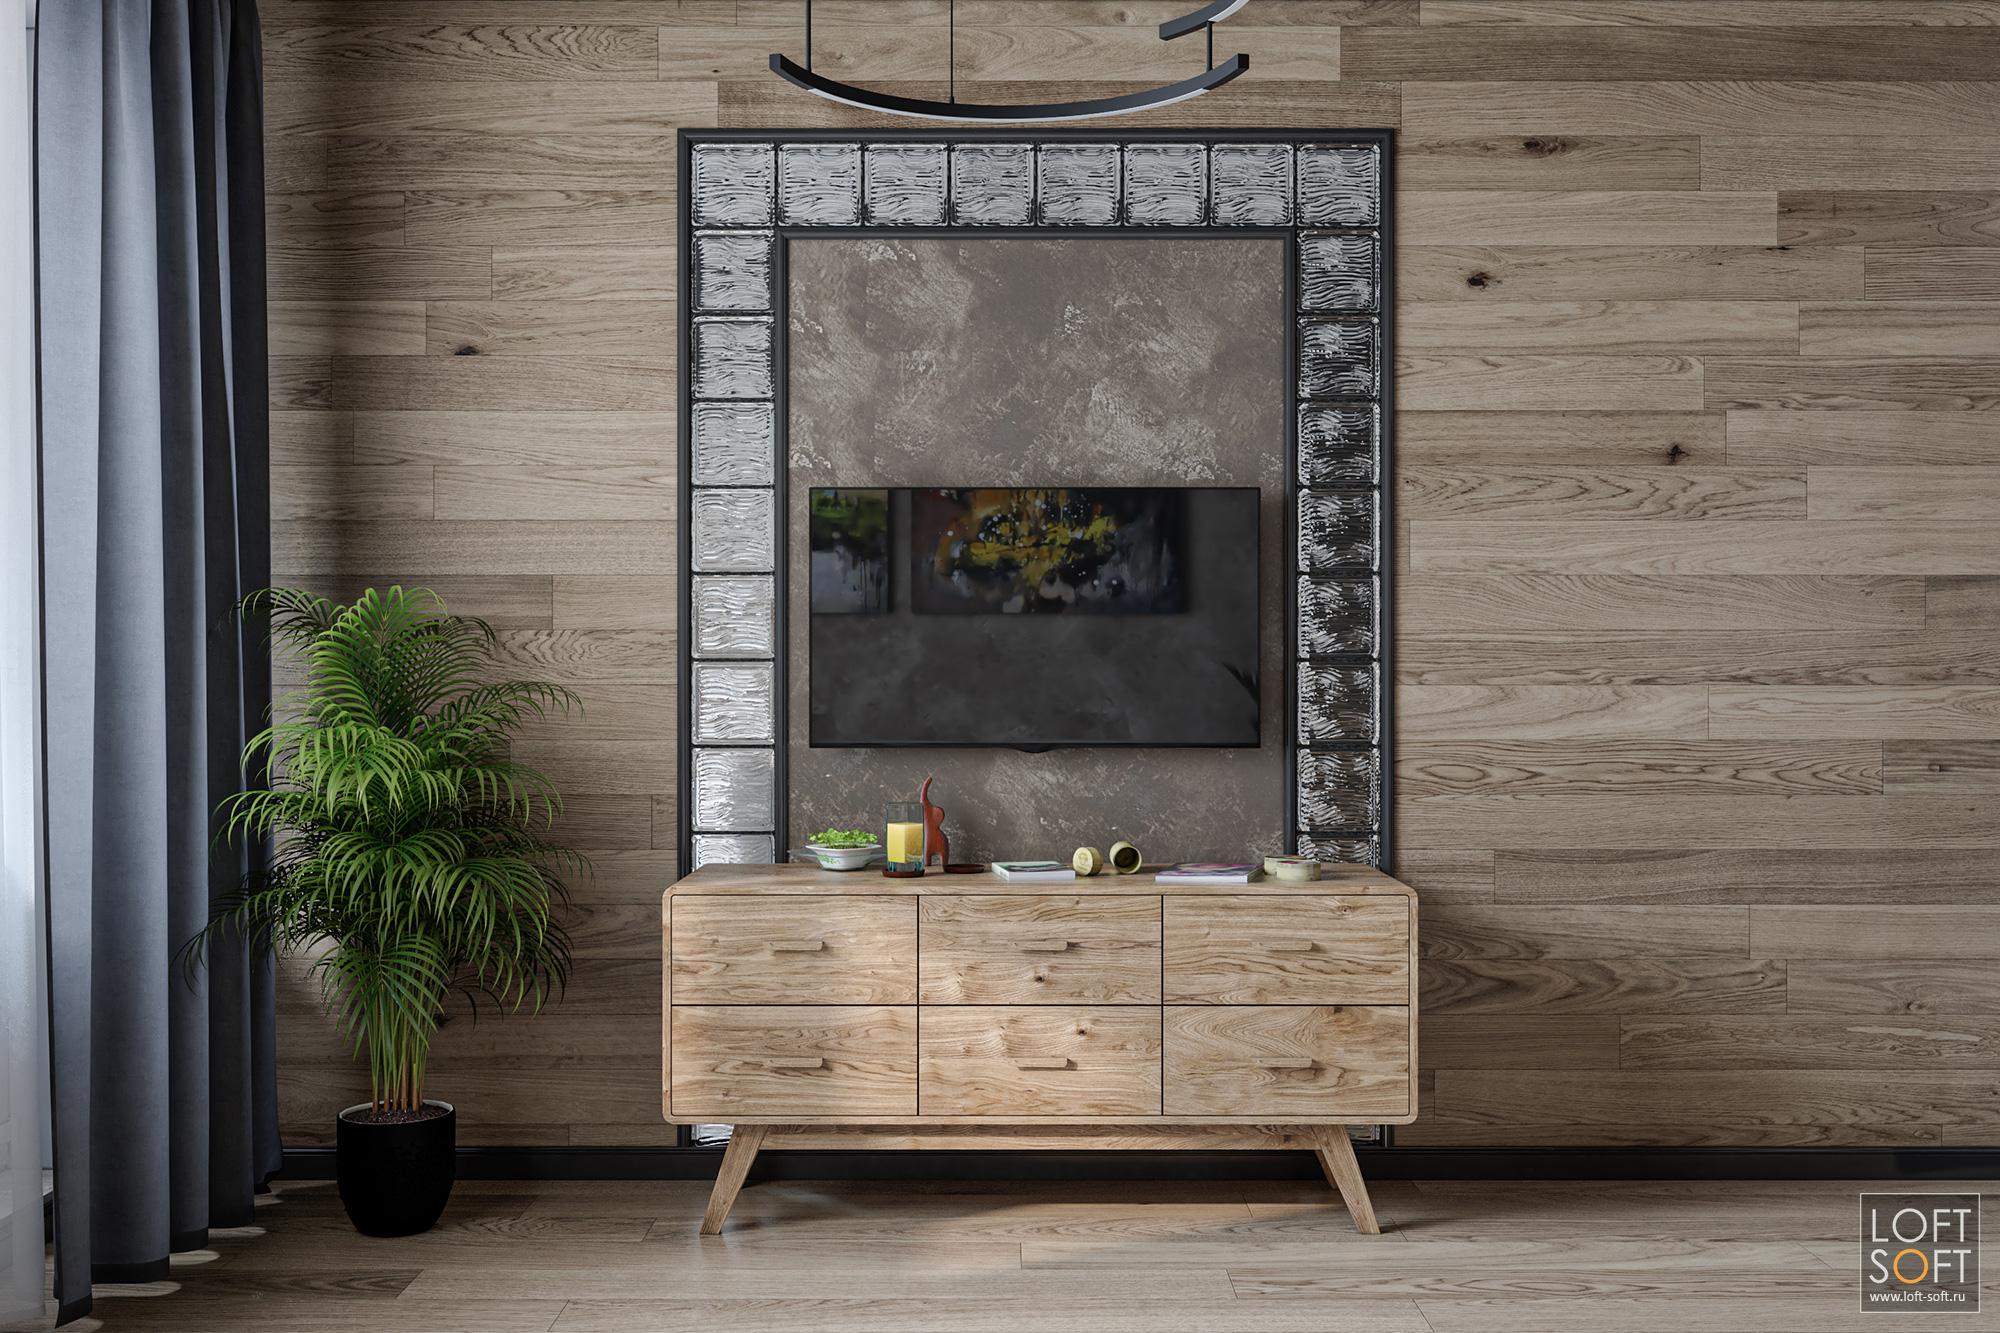 стеклоблоки винтерьере, проём встене, современный дизайн интерьера